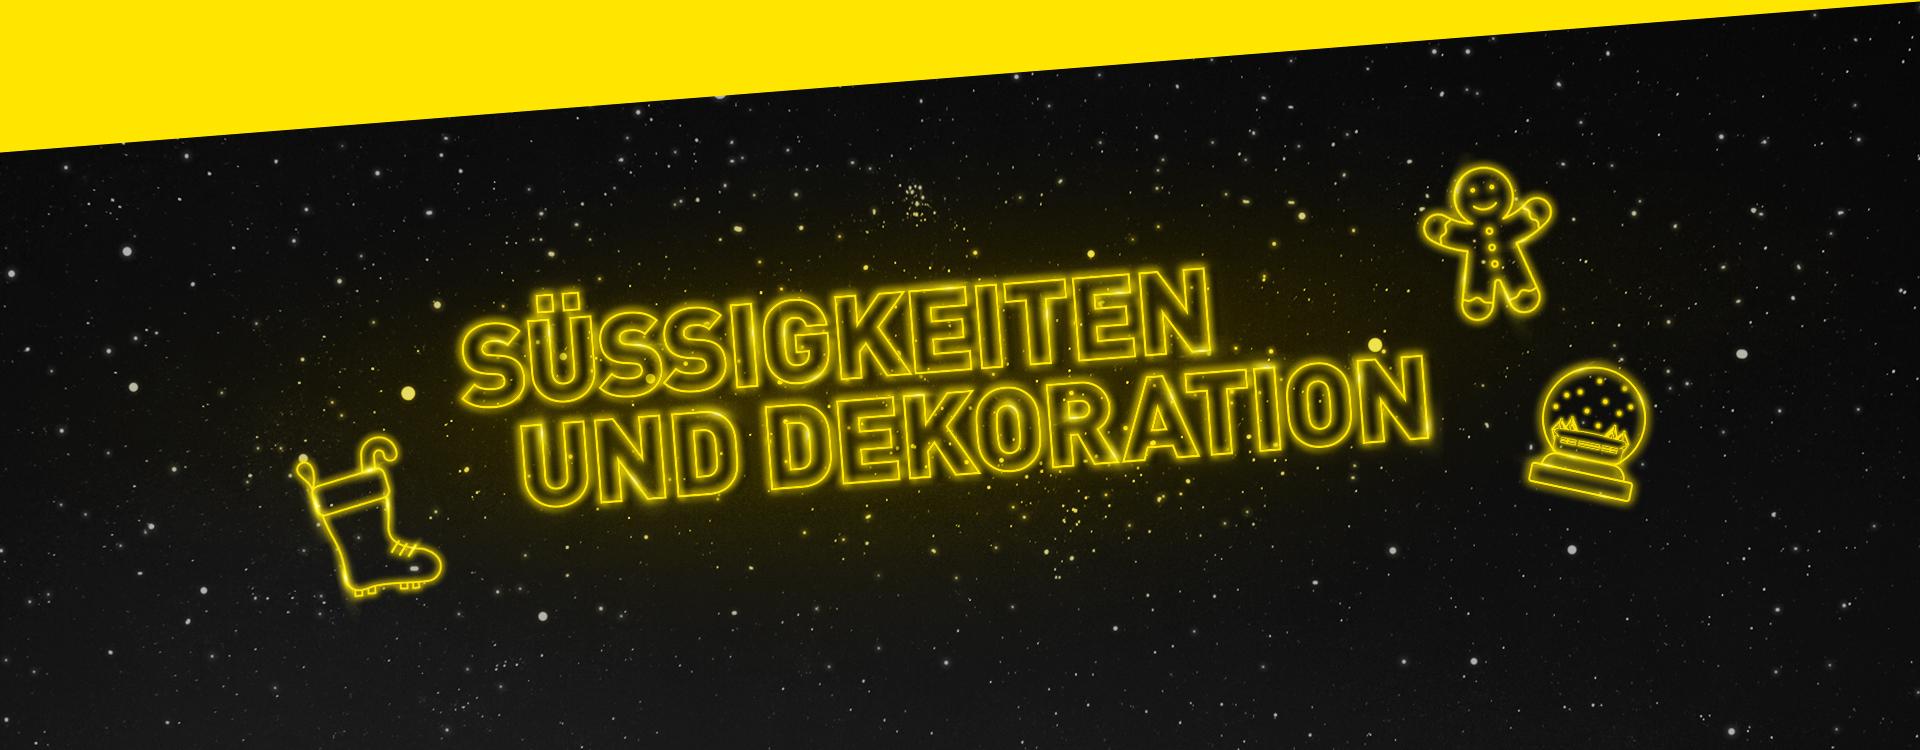 Deko_Onlineshop-Kategorieb-hnen-Desktop-1920x750px